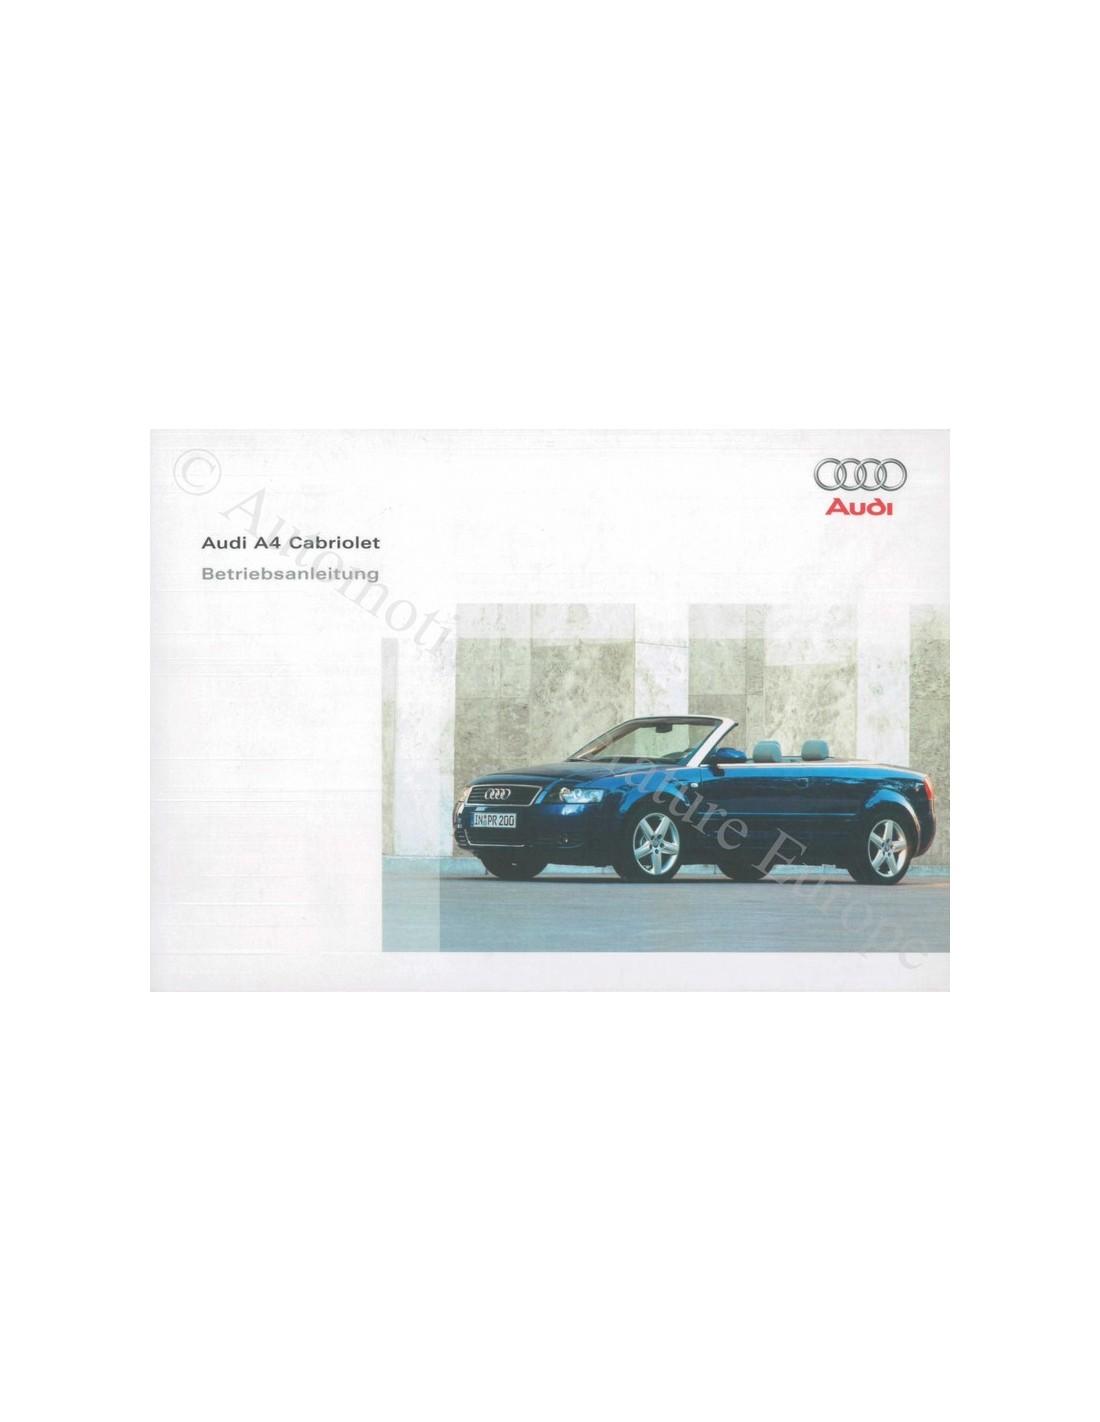 2004 audi a4 convertible owner s manual german rh autolit eu audi a4 cabriolet owners manual 2004 audi a4 cabriolet owners manual pdf